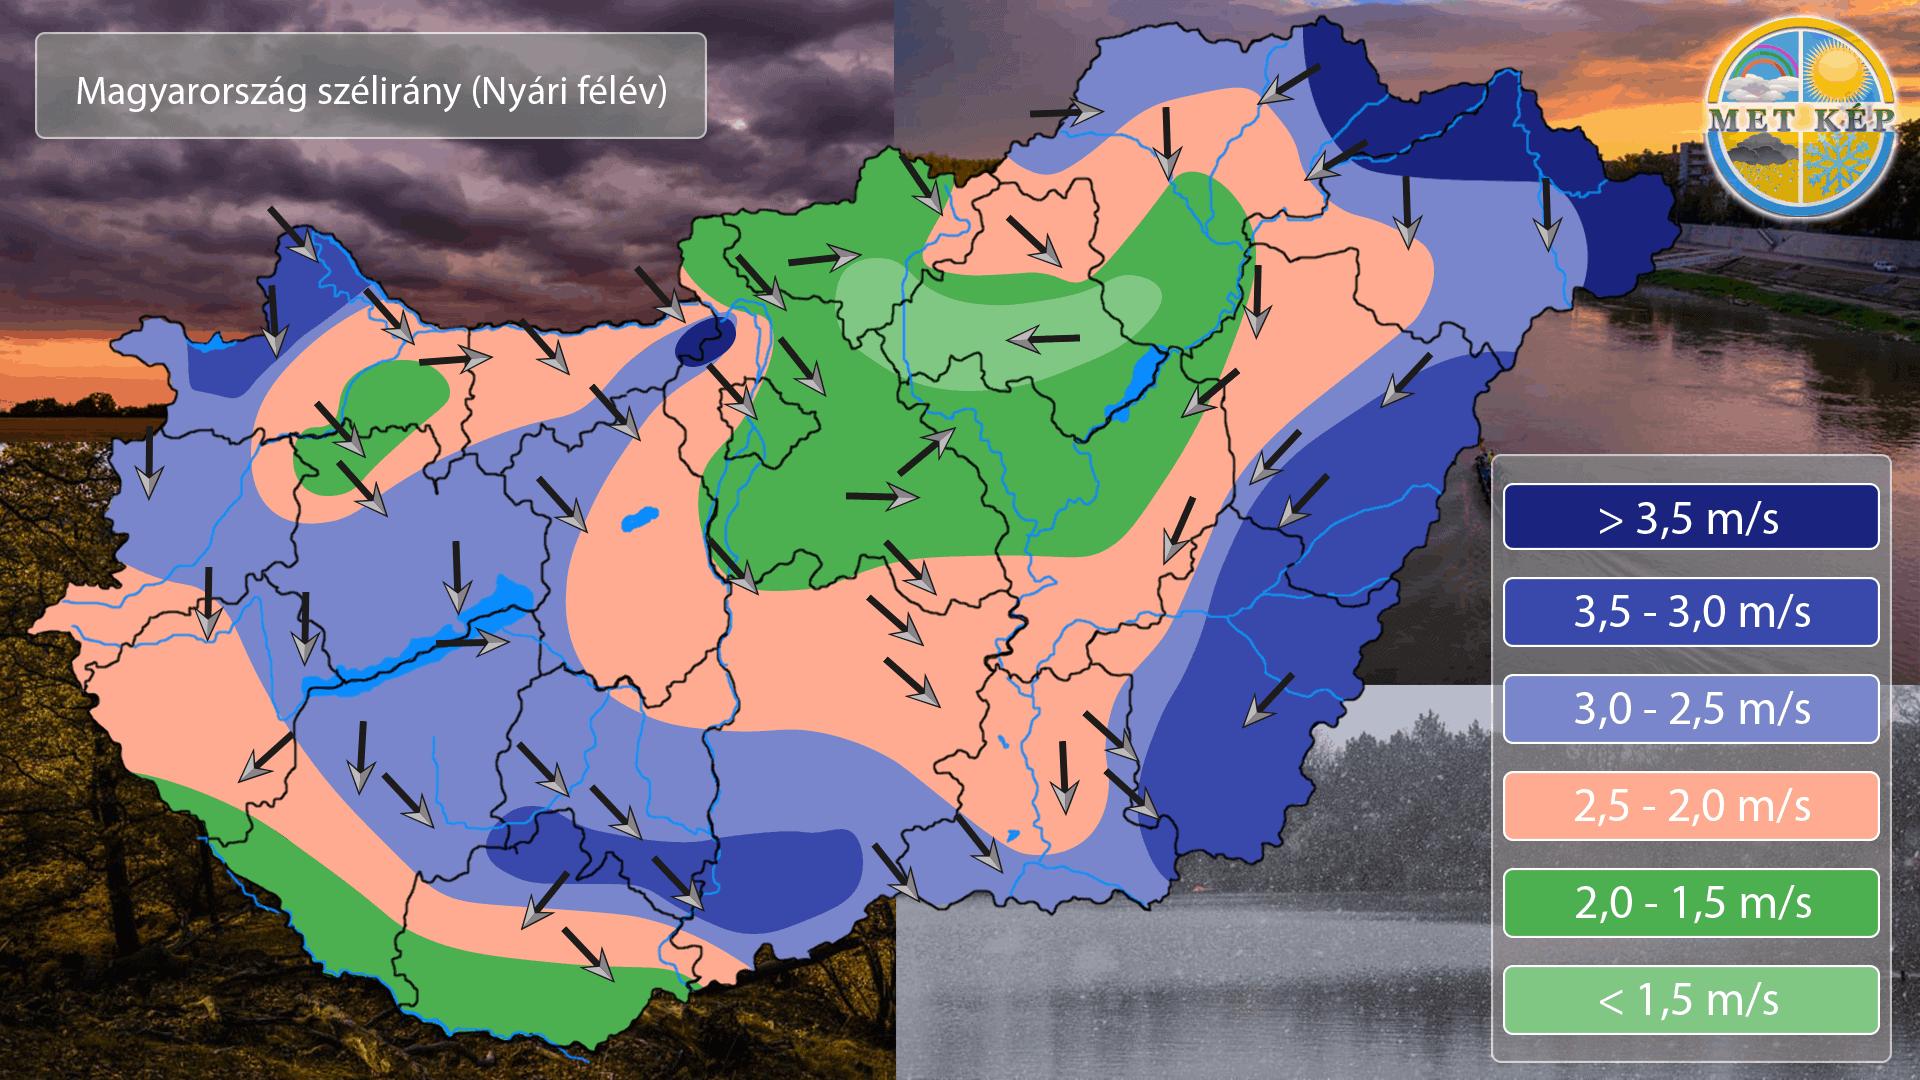 Magyarország éghajlata 4